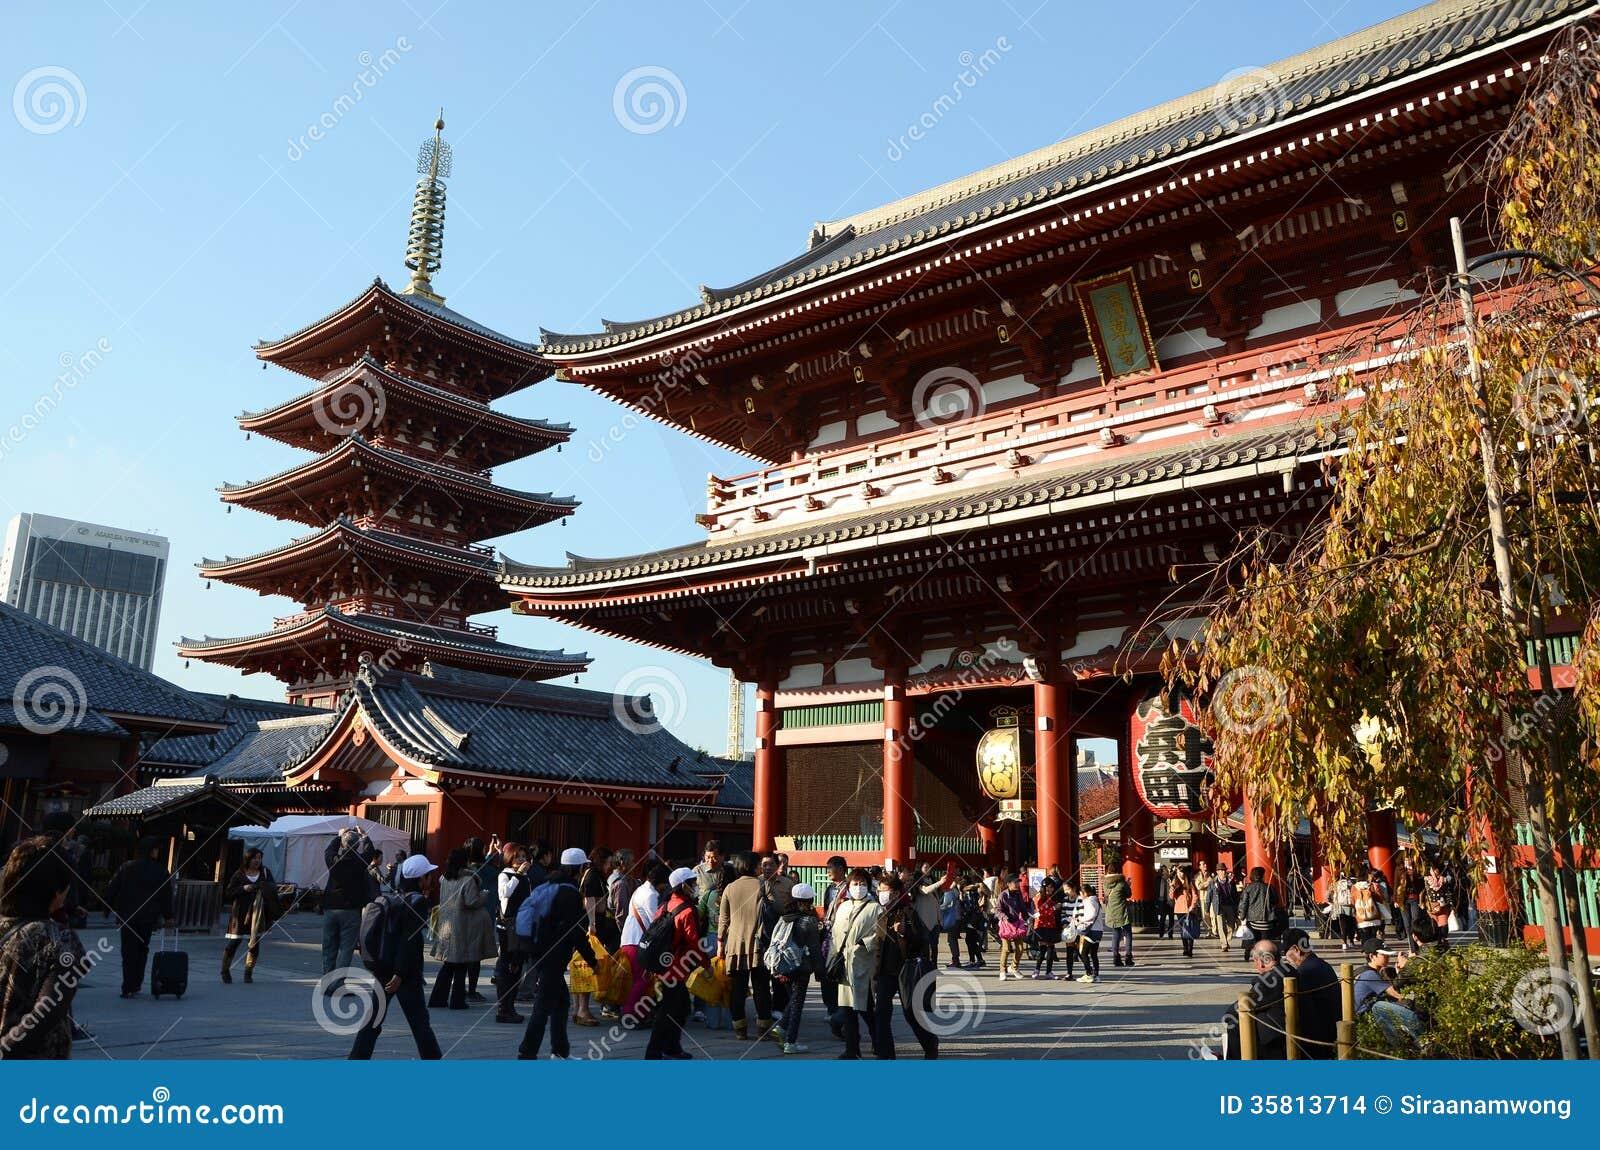 TÓQUIO, JAPÃO - 21 DE NOVEMBRO: O templo budista Senso-ji é o símbolo de Asakusa